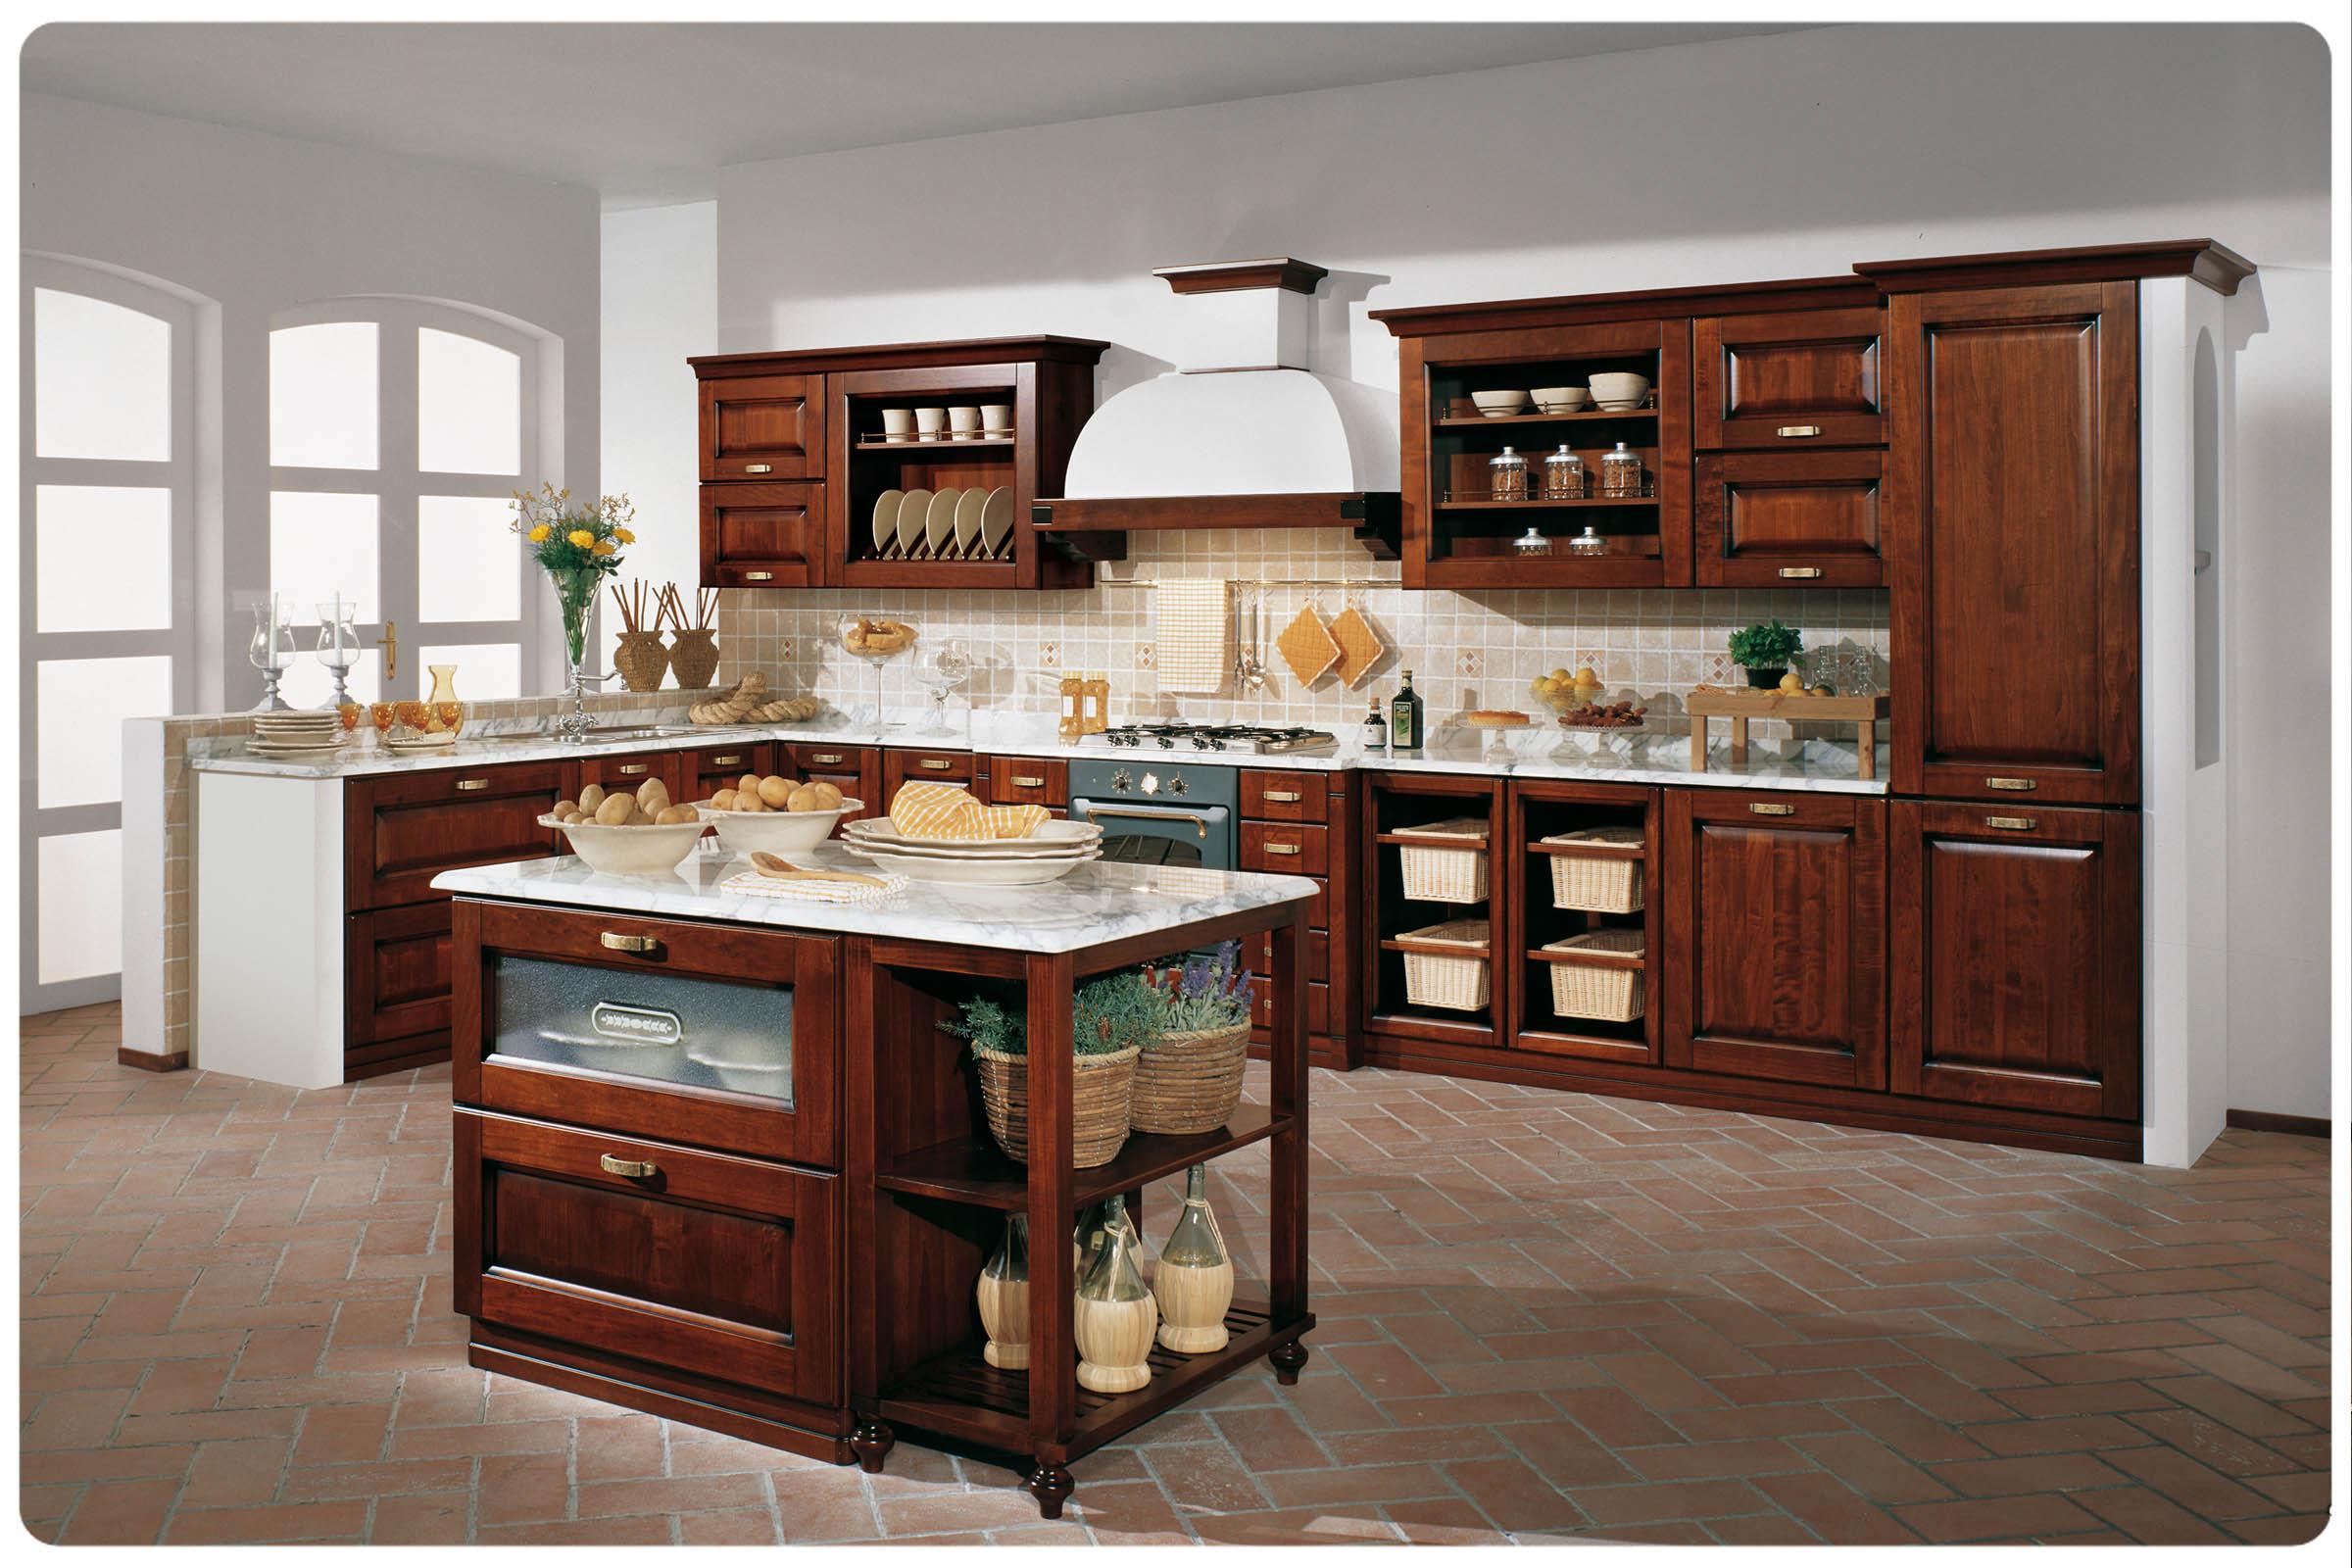 cucine componibili classiche. cucina classica con elettrodomestici ...